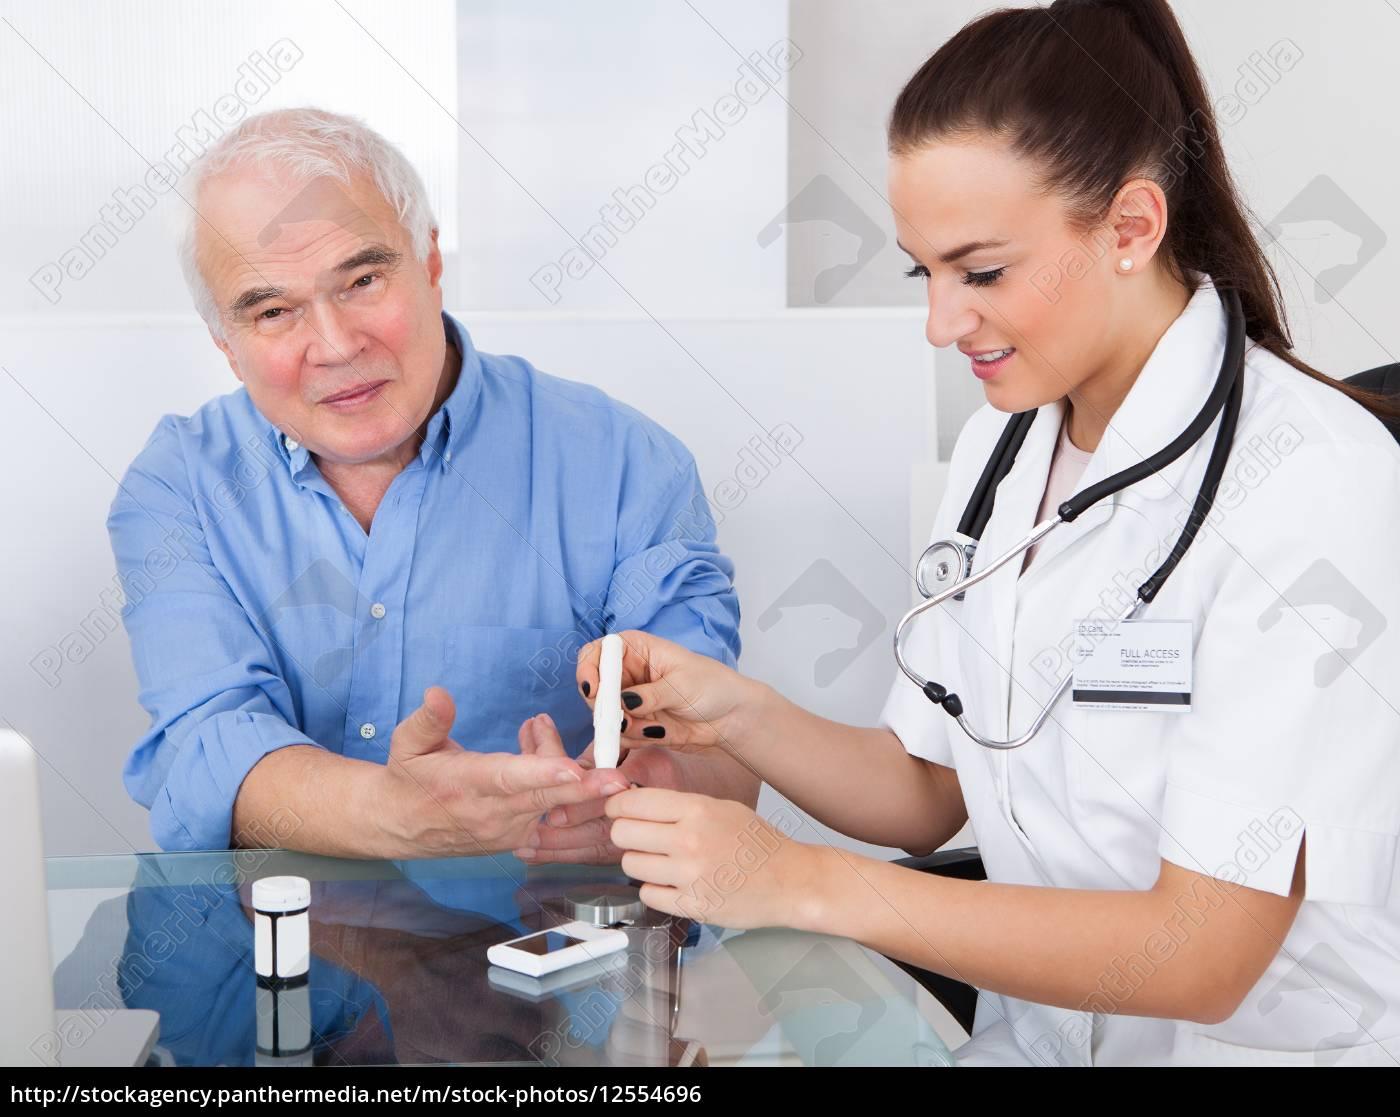 doctor, using, lancelet, on, senior, man - 12554696